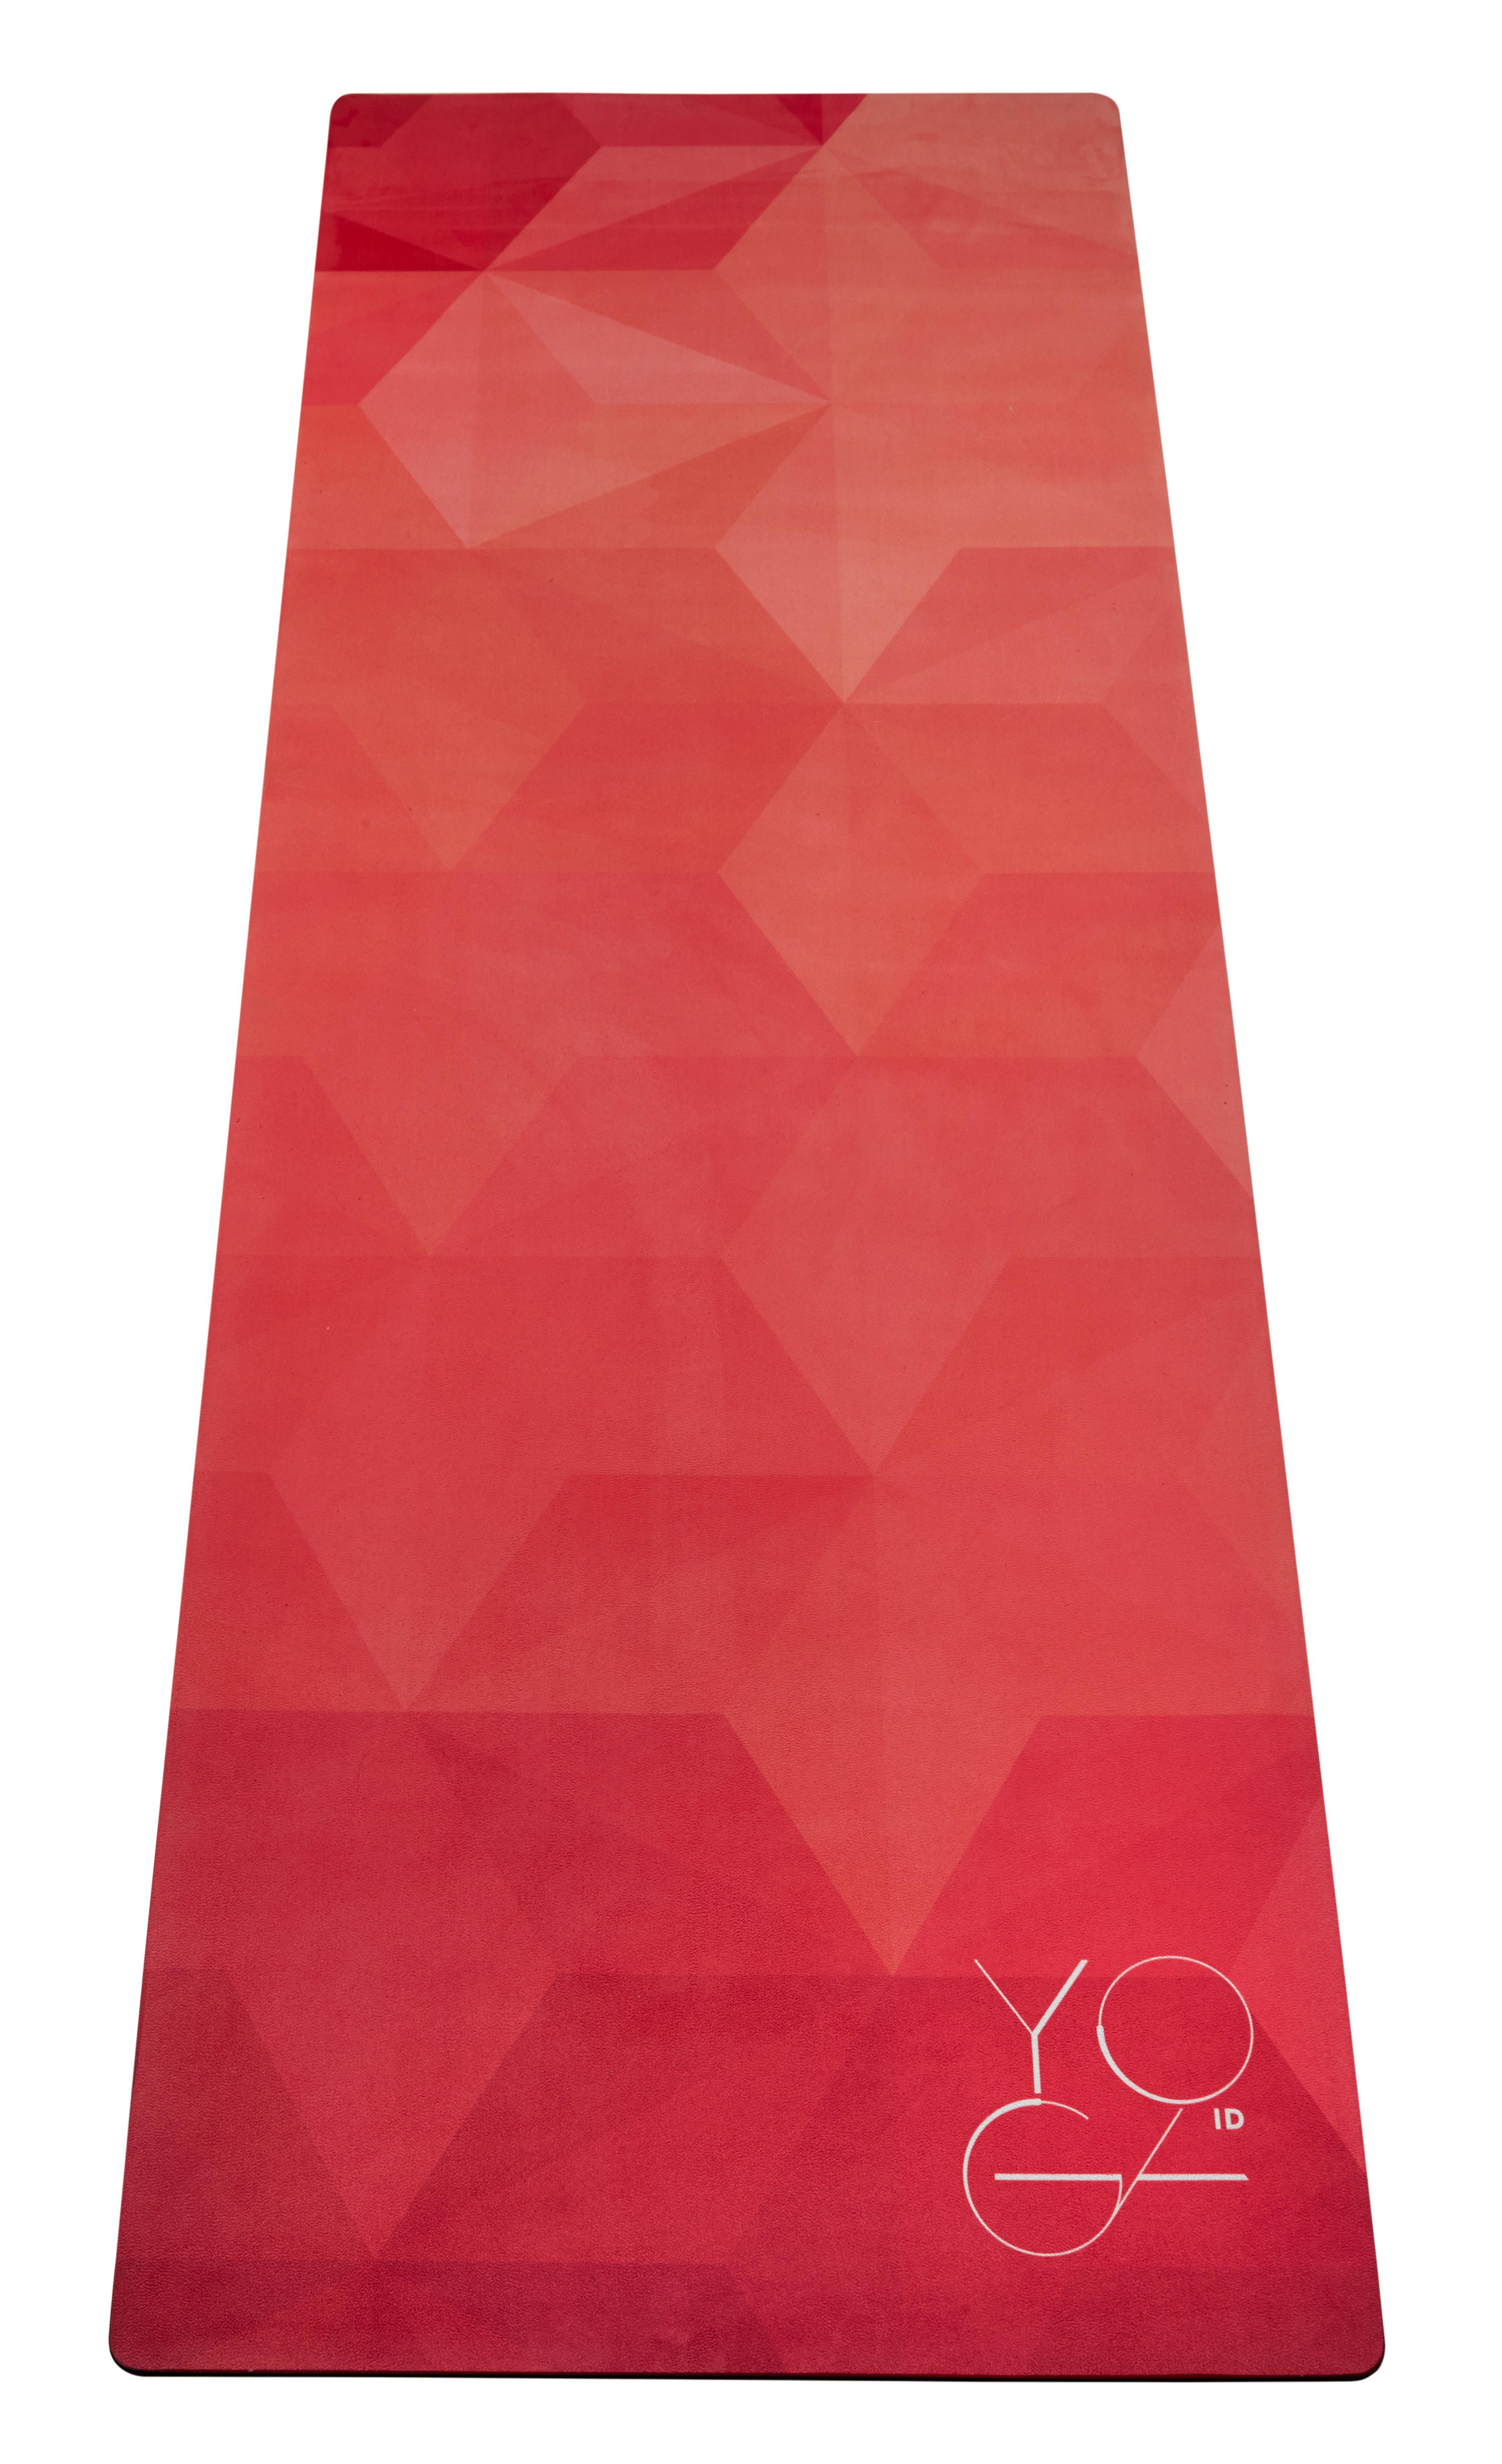 Коврик для йоги Yoga ID Australia , цвет: розовый, 173 х 61 х 0,3 см0011Дизайнерский коврик Yoga ID- идеальный коврик для динамических практик, совмещающий в себе функции коврика и полотенца. Основание из натурального органического каучука обеспечивает надежную сцепку с любой поверхностью, а абсорбирующее покрытие microfiber предотвращает скольжение! И, в конце концов, это просто красиво! Характеристики: Размер: 1730 x 610 мм. Толщина: 3 мм. Вес: 2,3 кг. Материал: натуральный каучук, покрытие microfiber. В комплект входит переноска для коврика. Рекомендации по использованию:-рекомендуется ручная стирка при температуре 30°С с деликатным моющим средством.Для еще лучшей стабилизации в определенных асанах рекомендуется смачивать ладони водой перед началом практики.